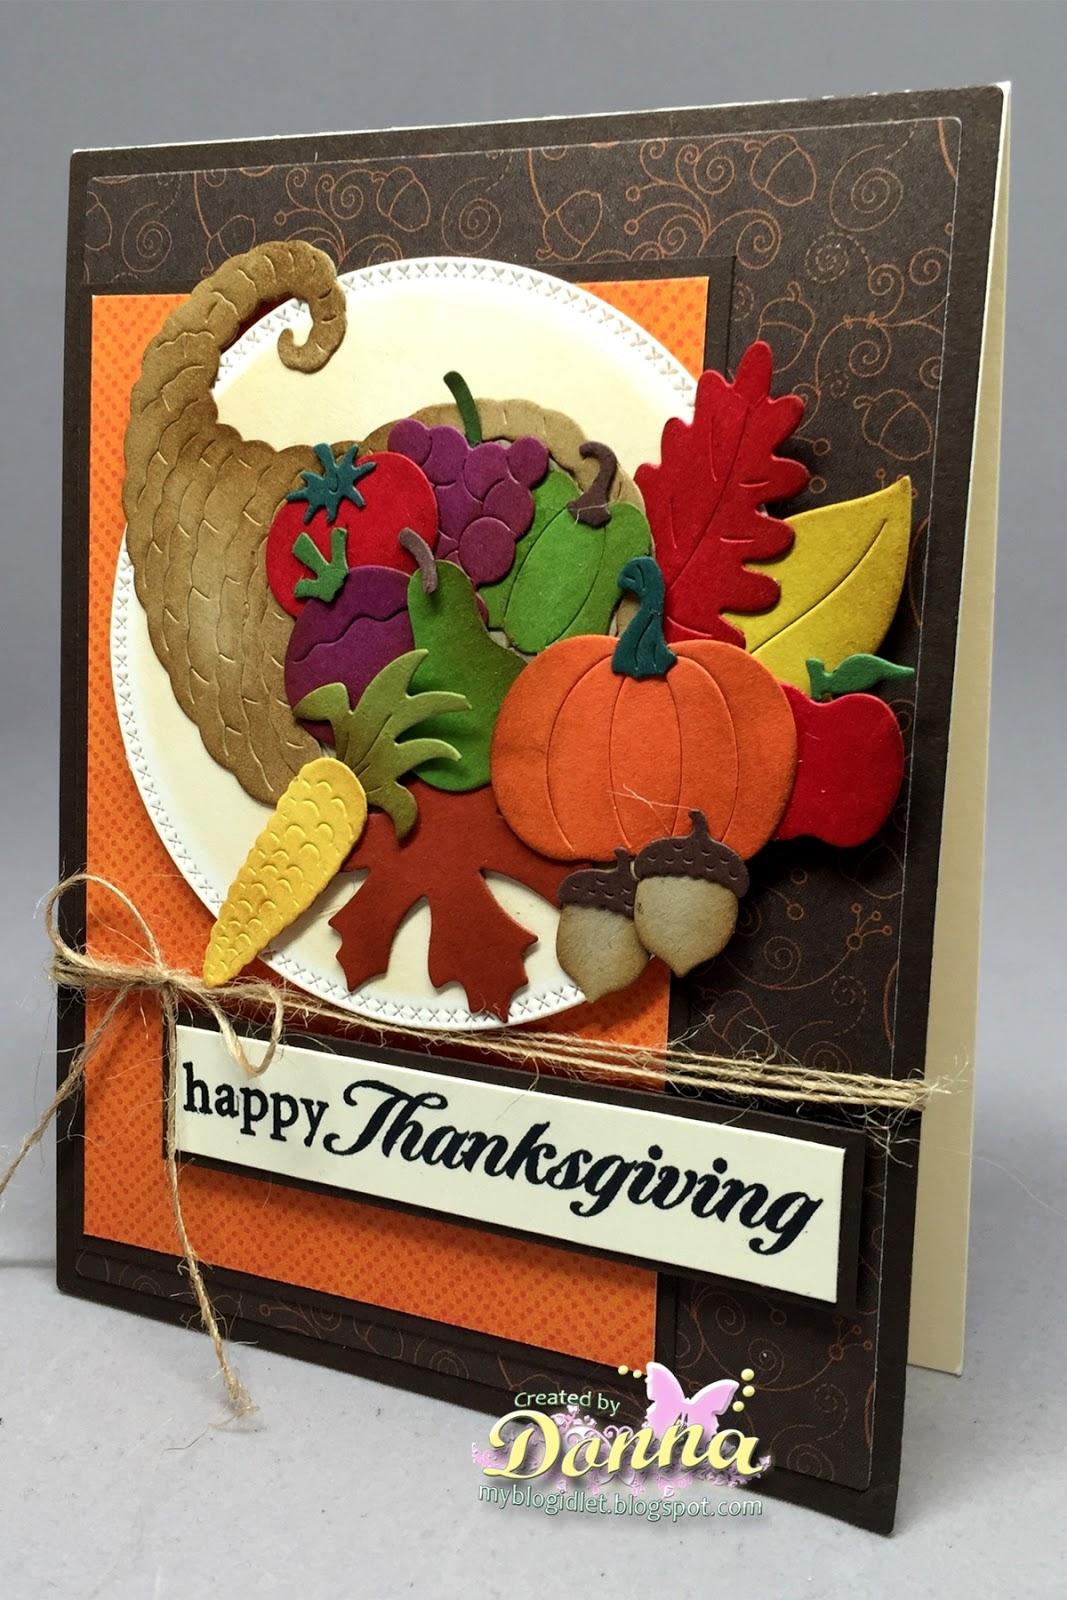 CottageCutz - Happy Thanksgiving